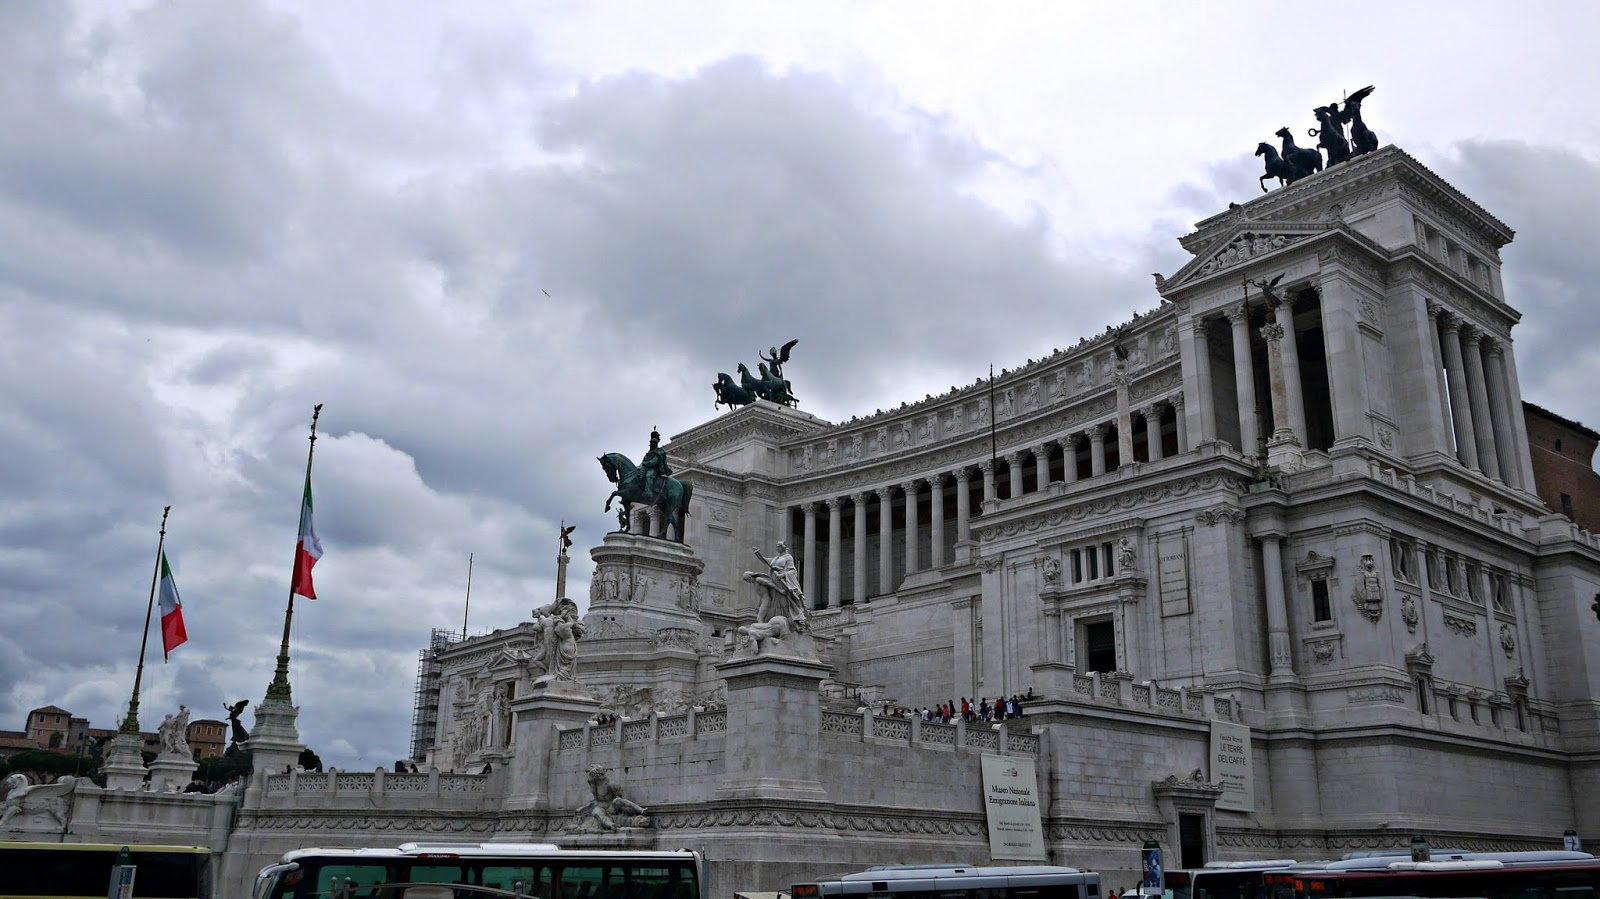 Altara della Patria Rome Italy